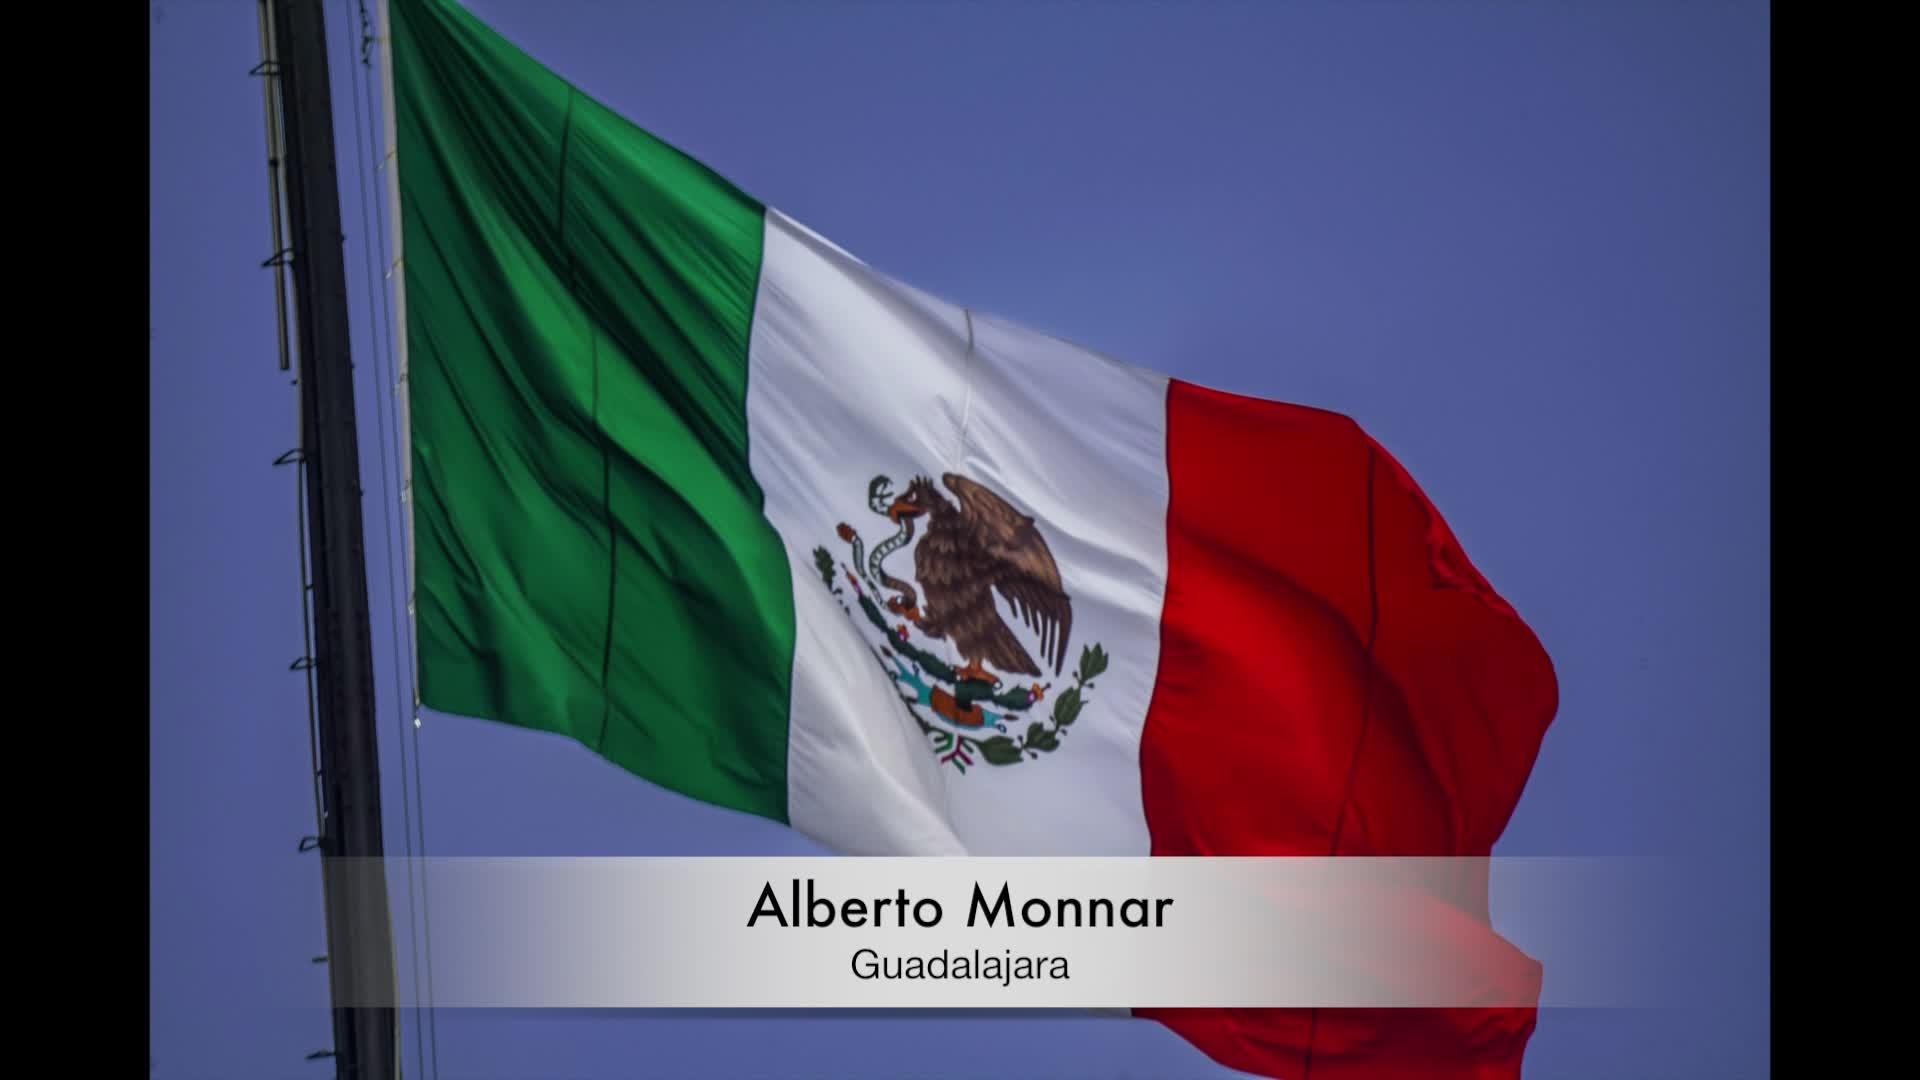 Alberto Monnar - Guadalajara